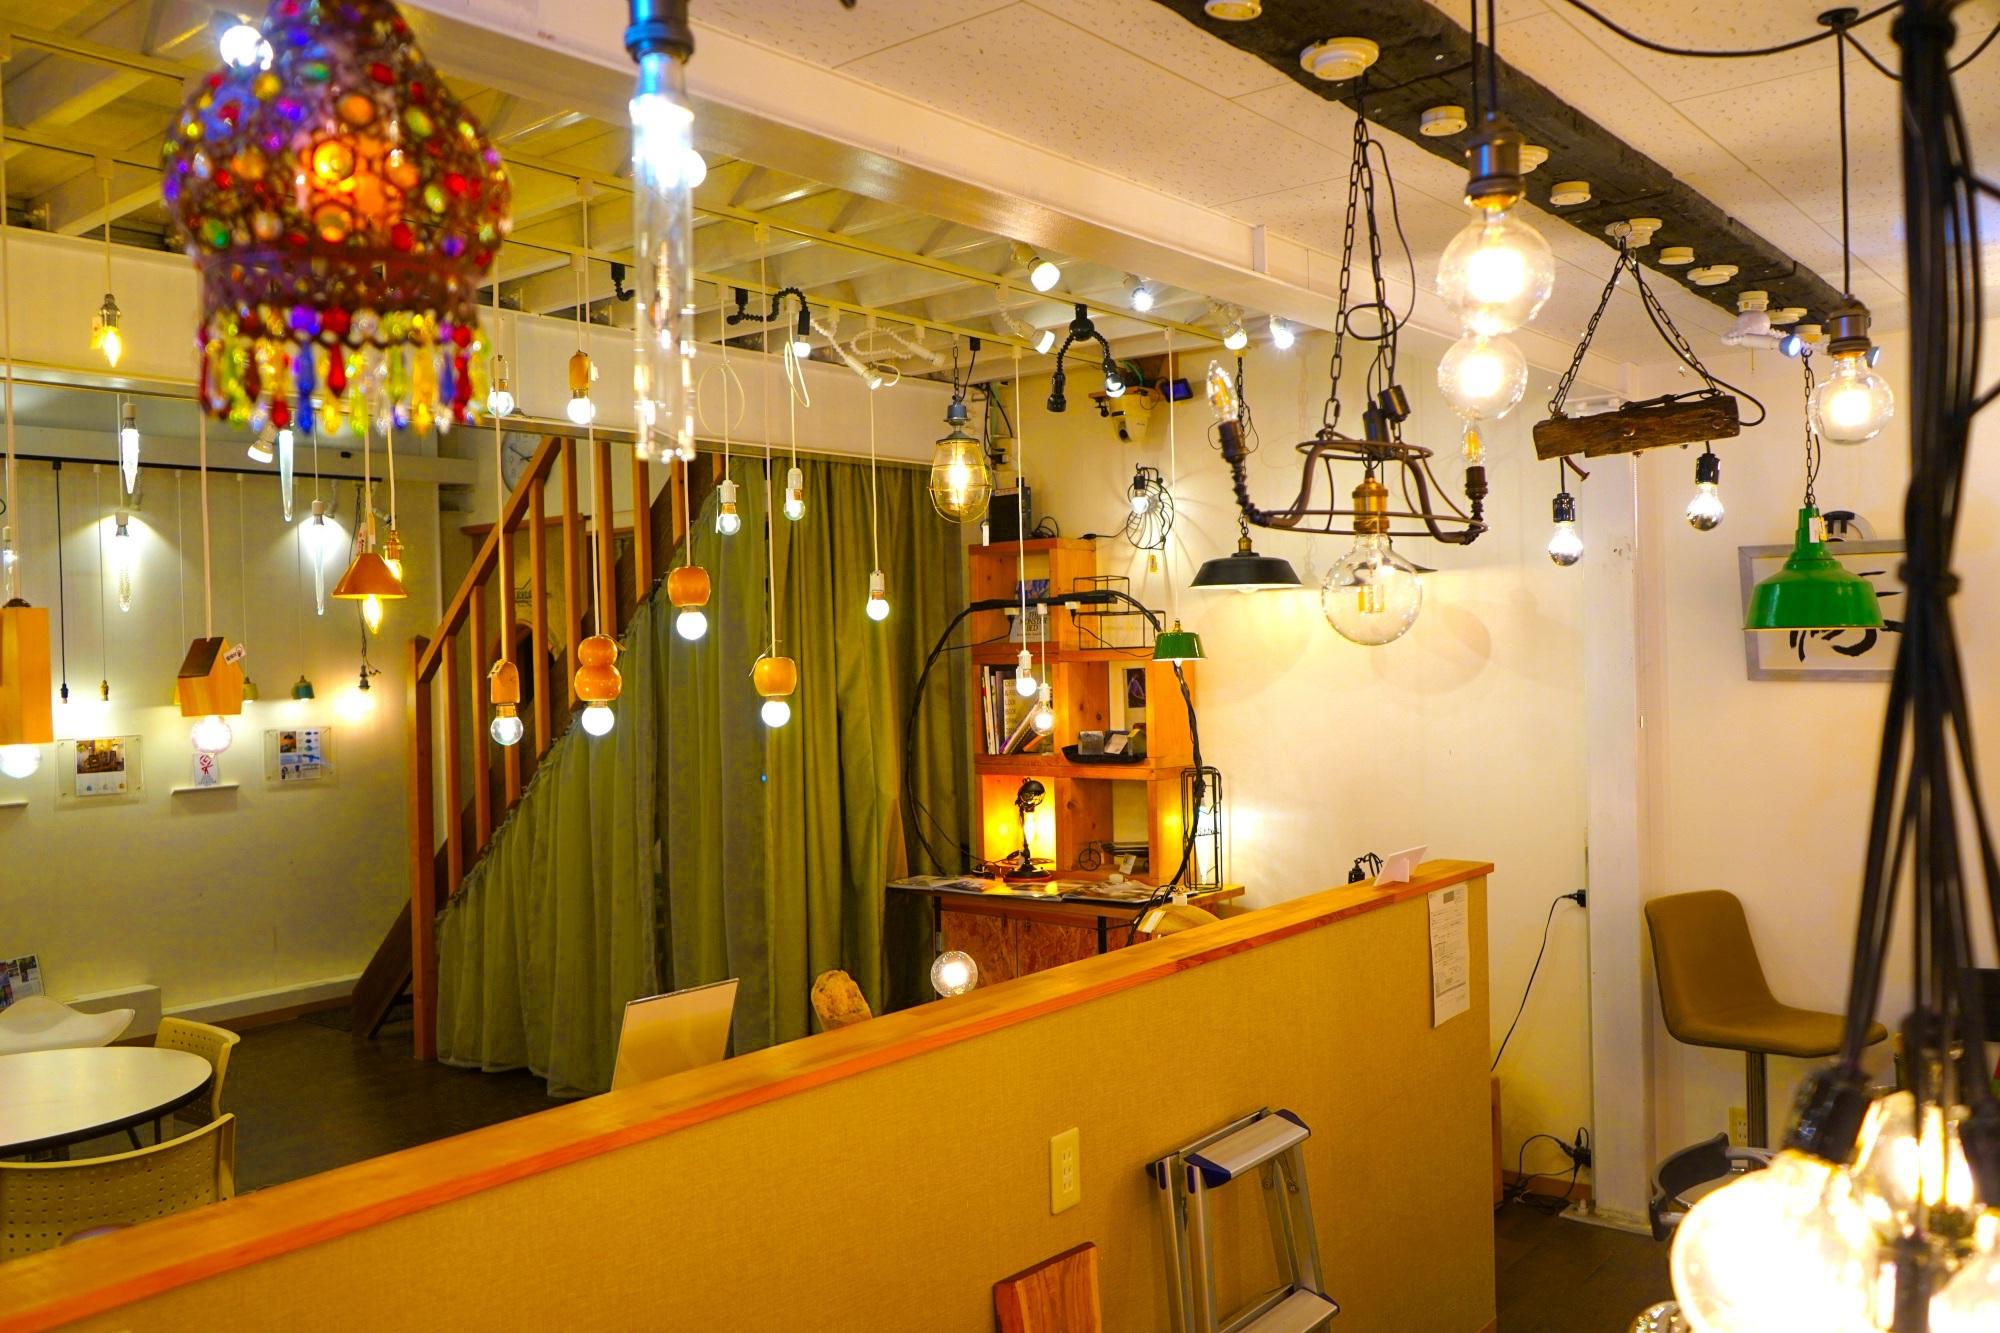 ママ友会や女子会に!みよしのランチは南欧風のおしゃれ喫茶『カーデンカフェ』で - DSC02581